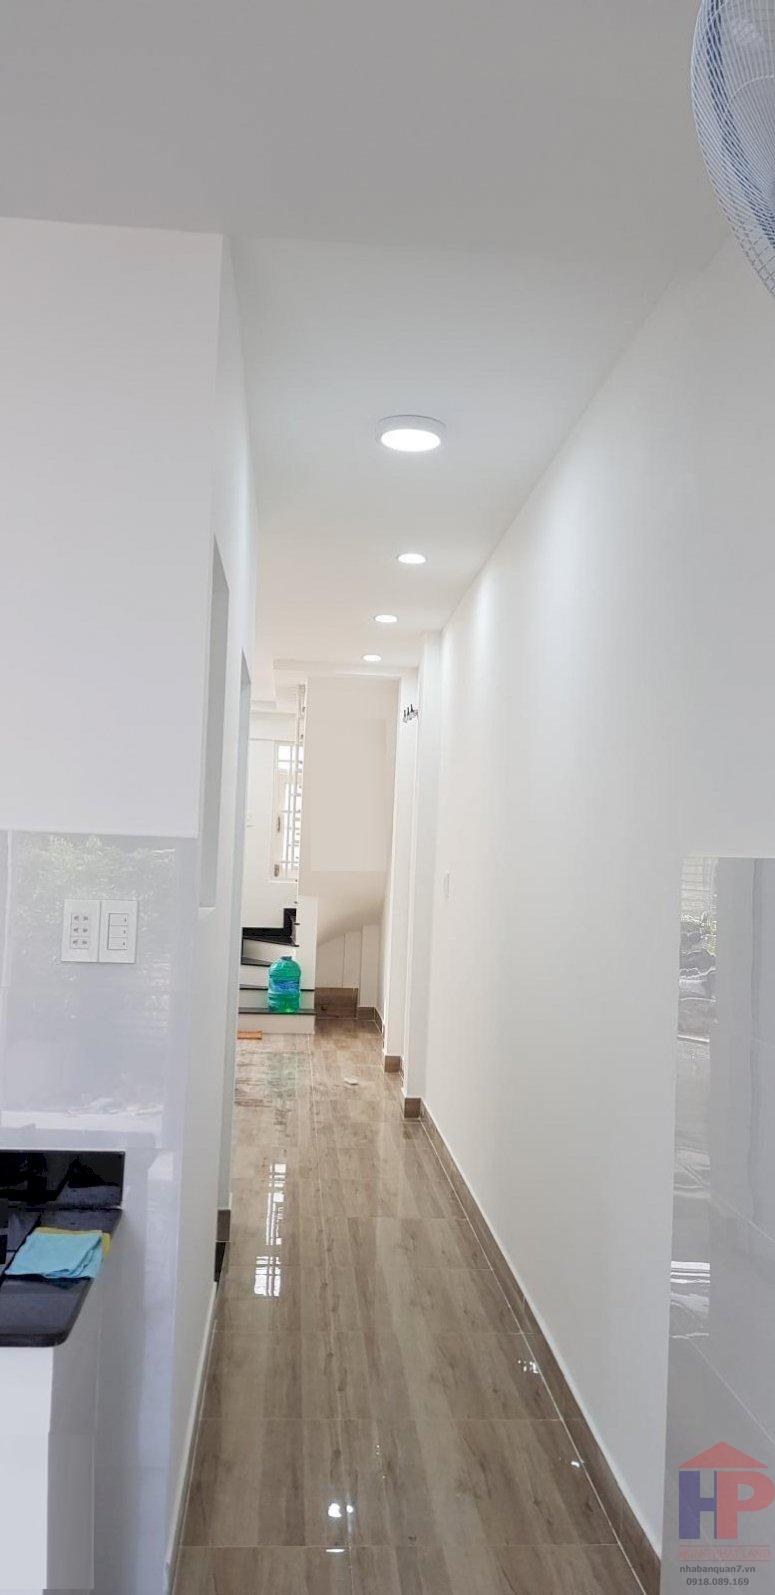 Bán nhà hẻm 300 Nguyễn Văn linh Quận 7, 1trệt - 1 lầu, DT 4x12m